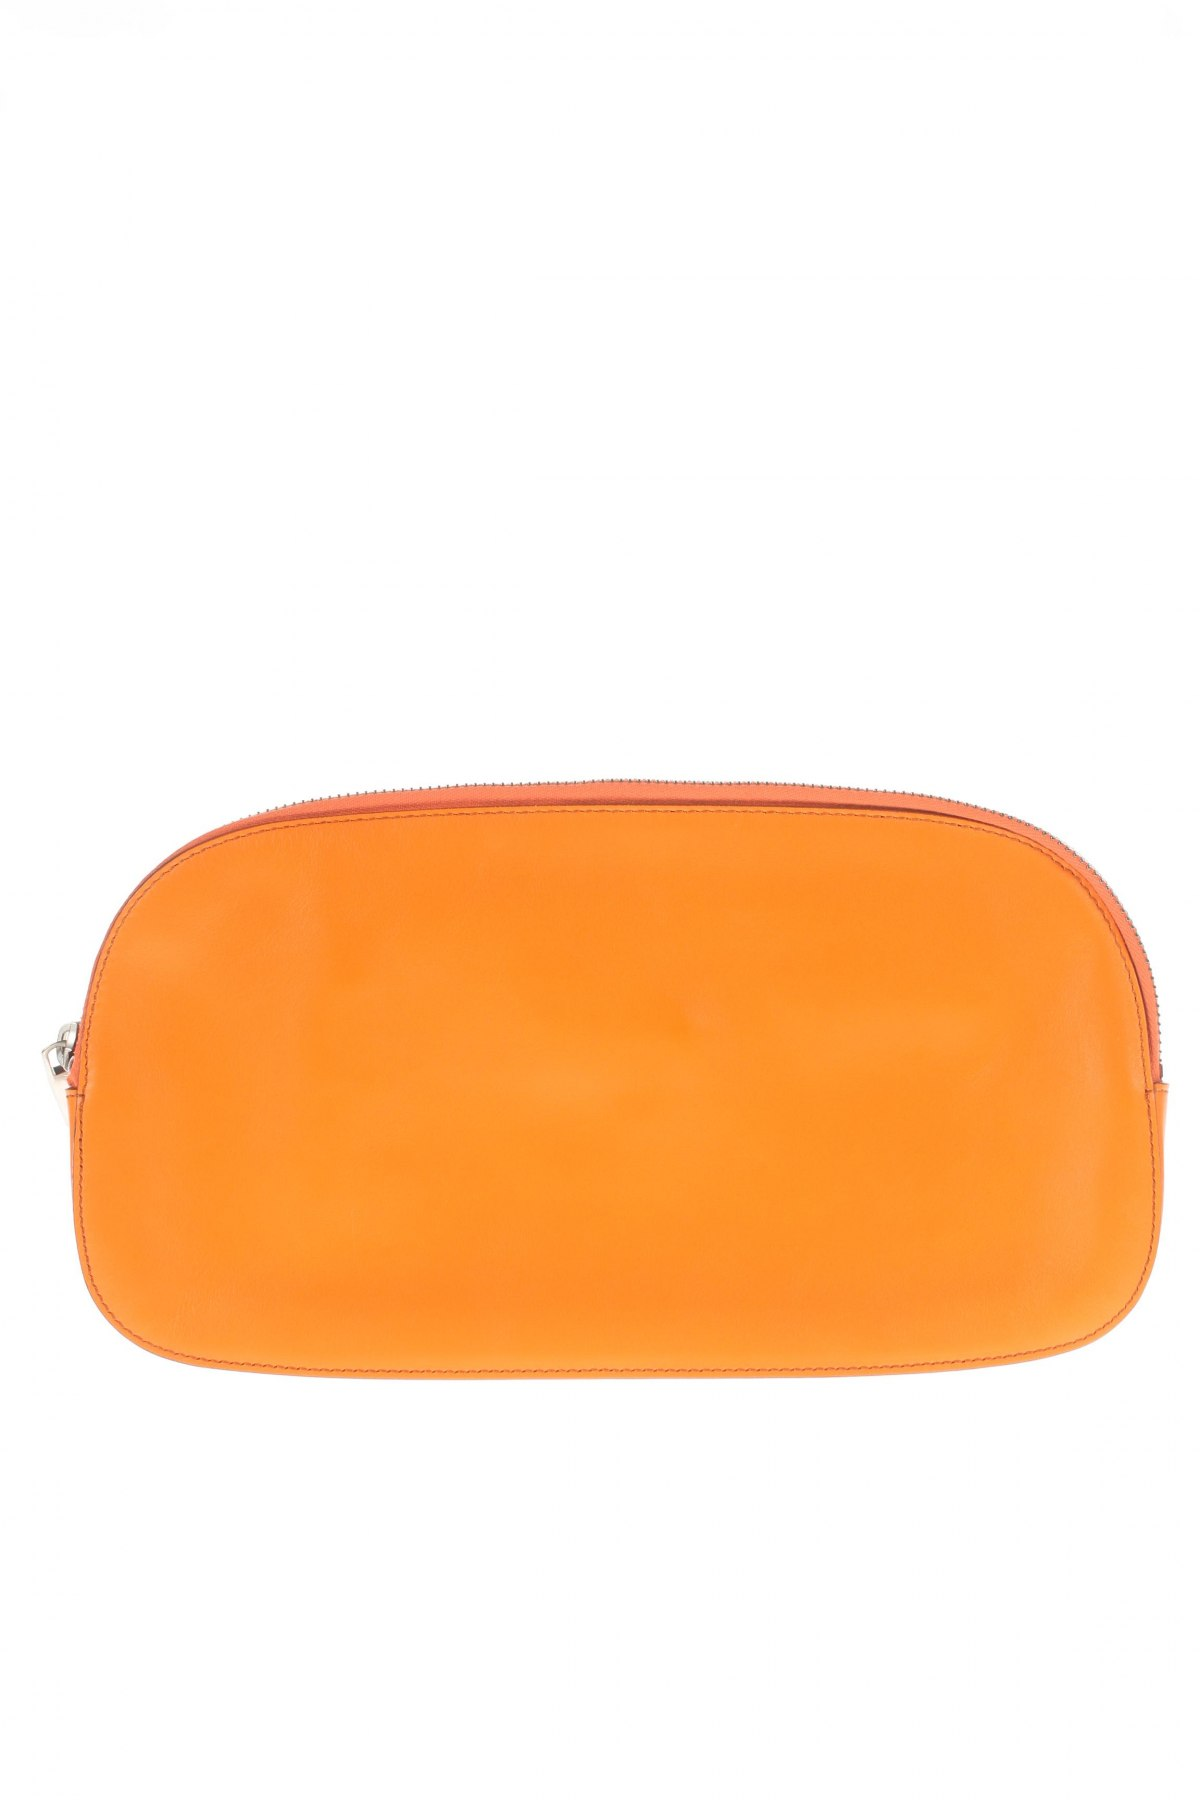 Γυναικεία τσάντα Sportmax